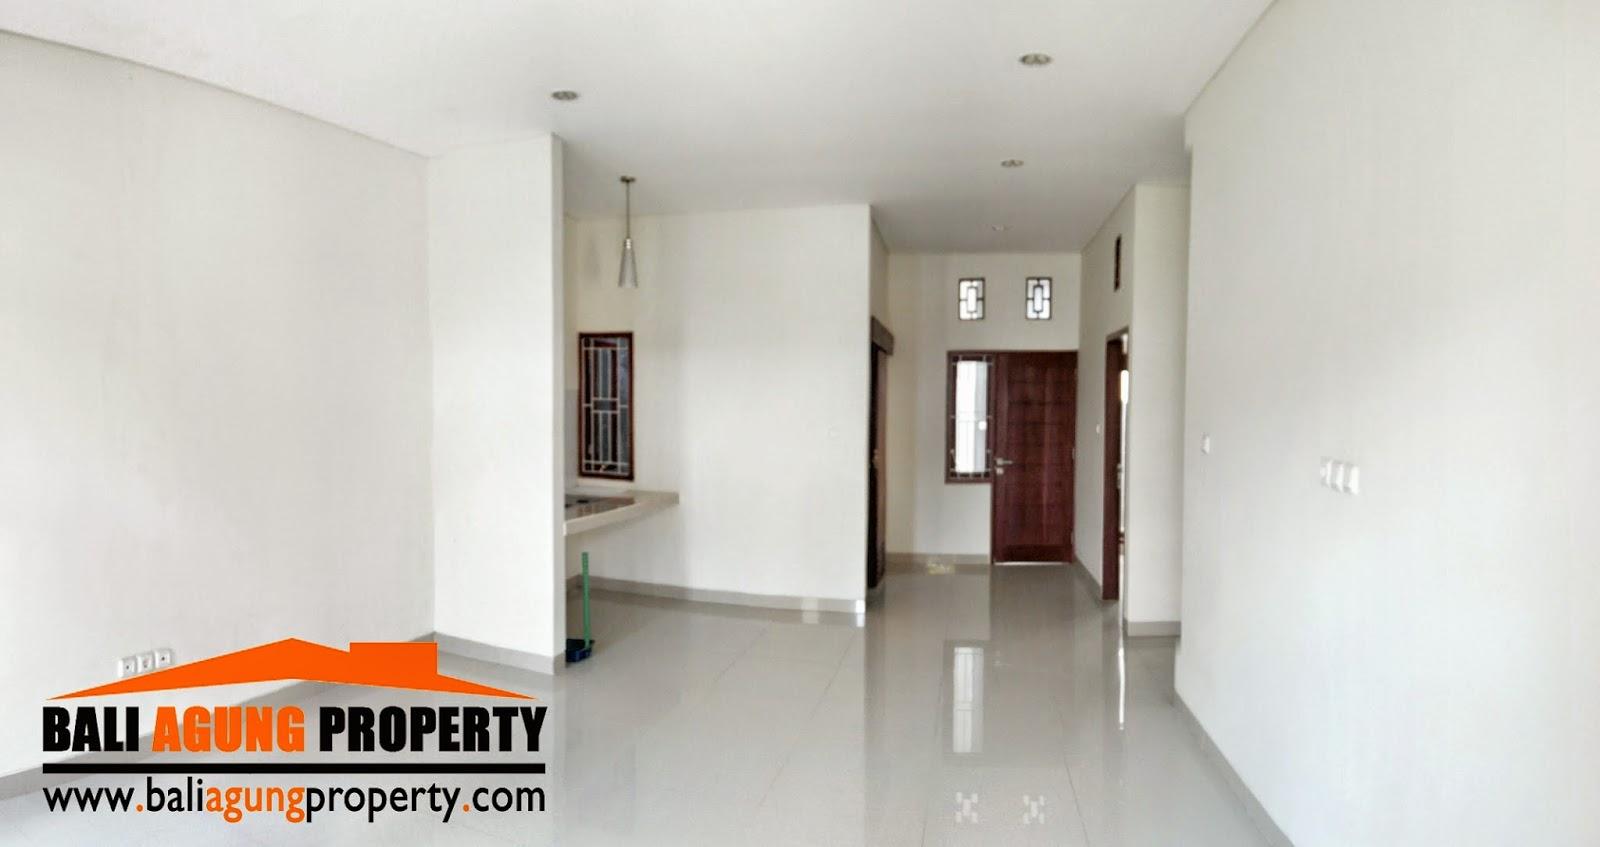 bali agung property rumah minimalis tipe 80 100 mutiara